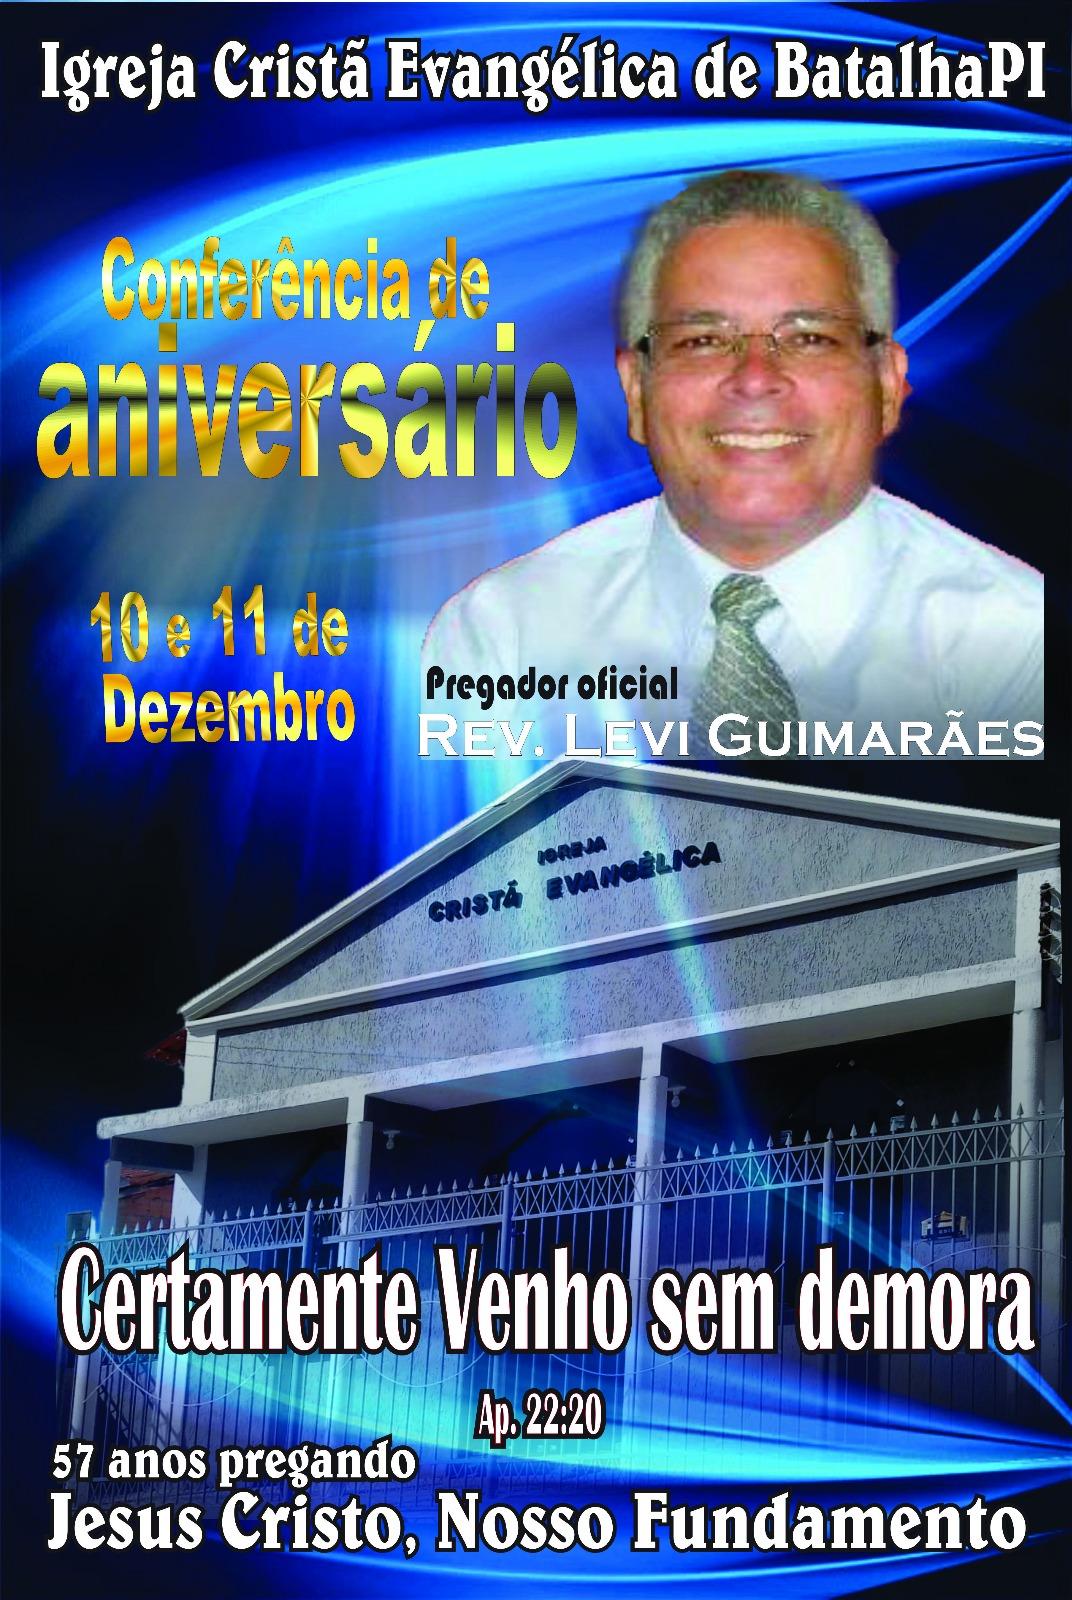 IGREJA CRISTÃ EVANGÉLICA DE BATALHA - 57 ANOS